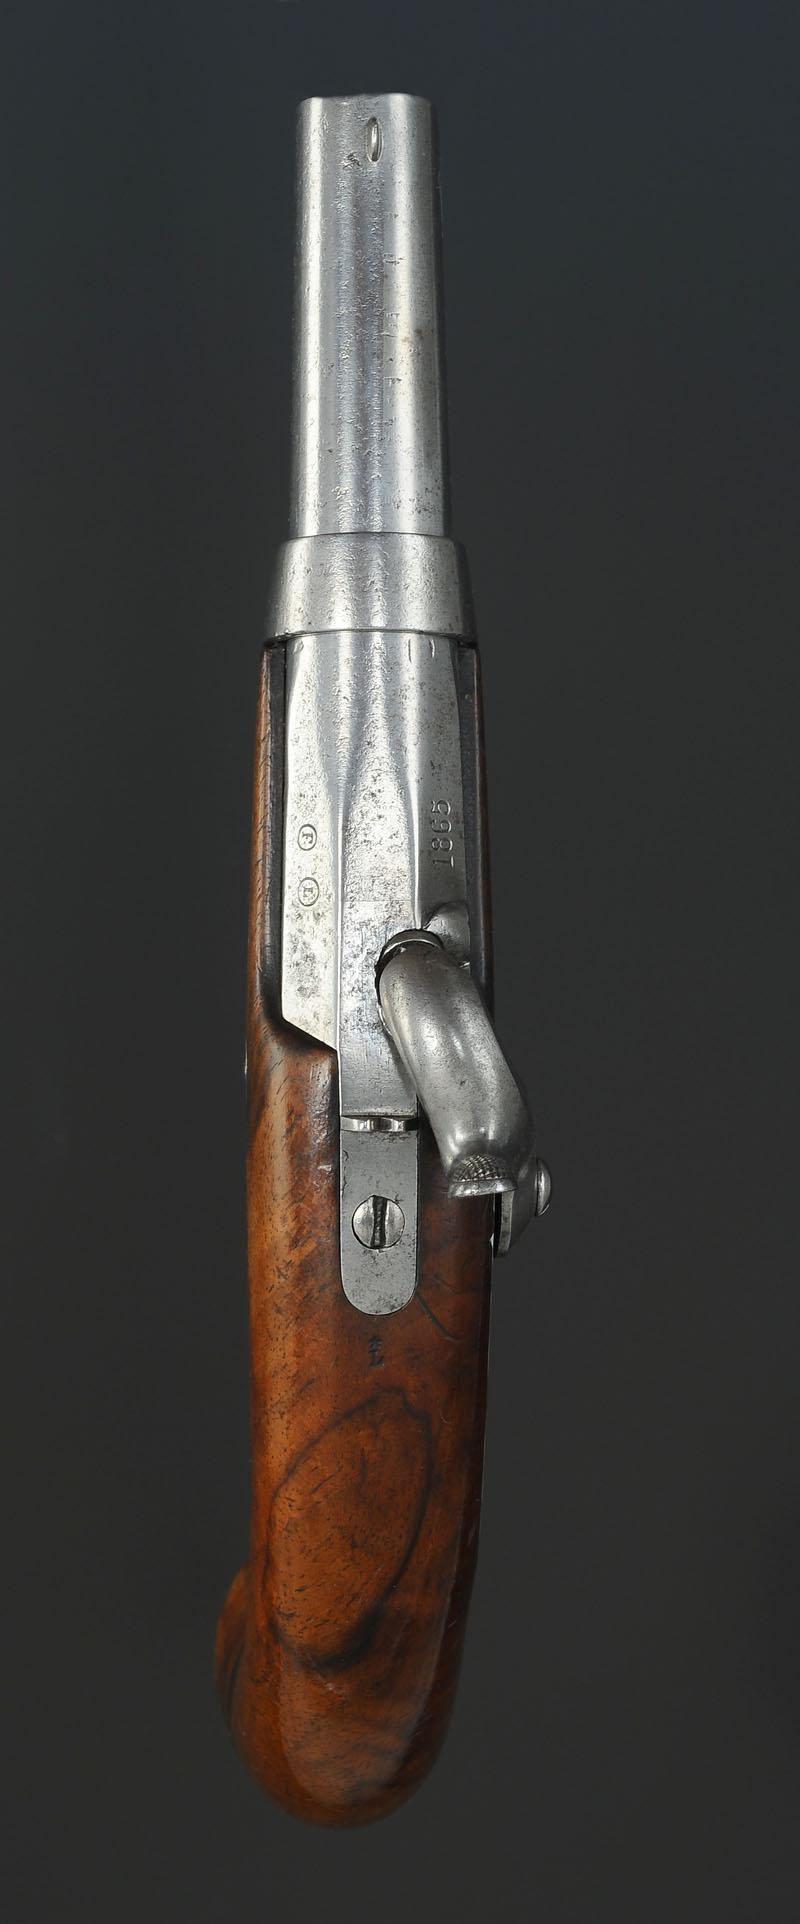 pistolet d u0026 39 officier de gendarmerie  mod u00c8le 1836  second